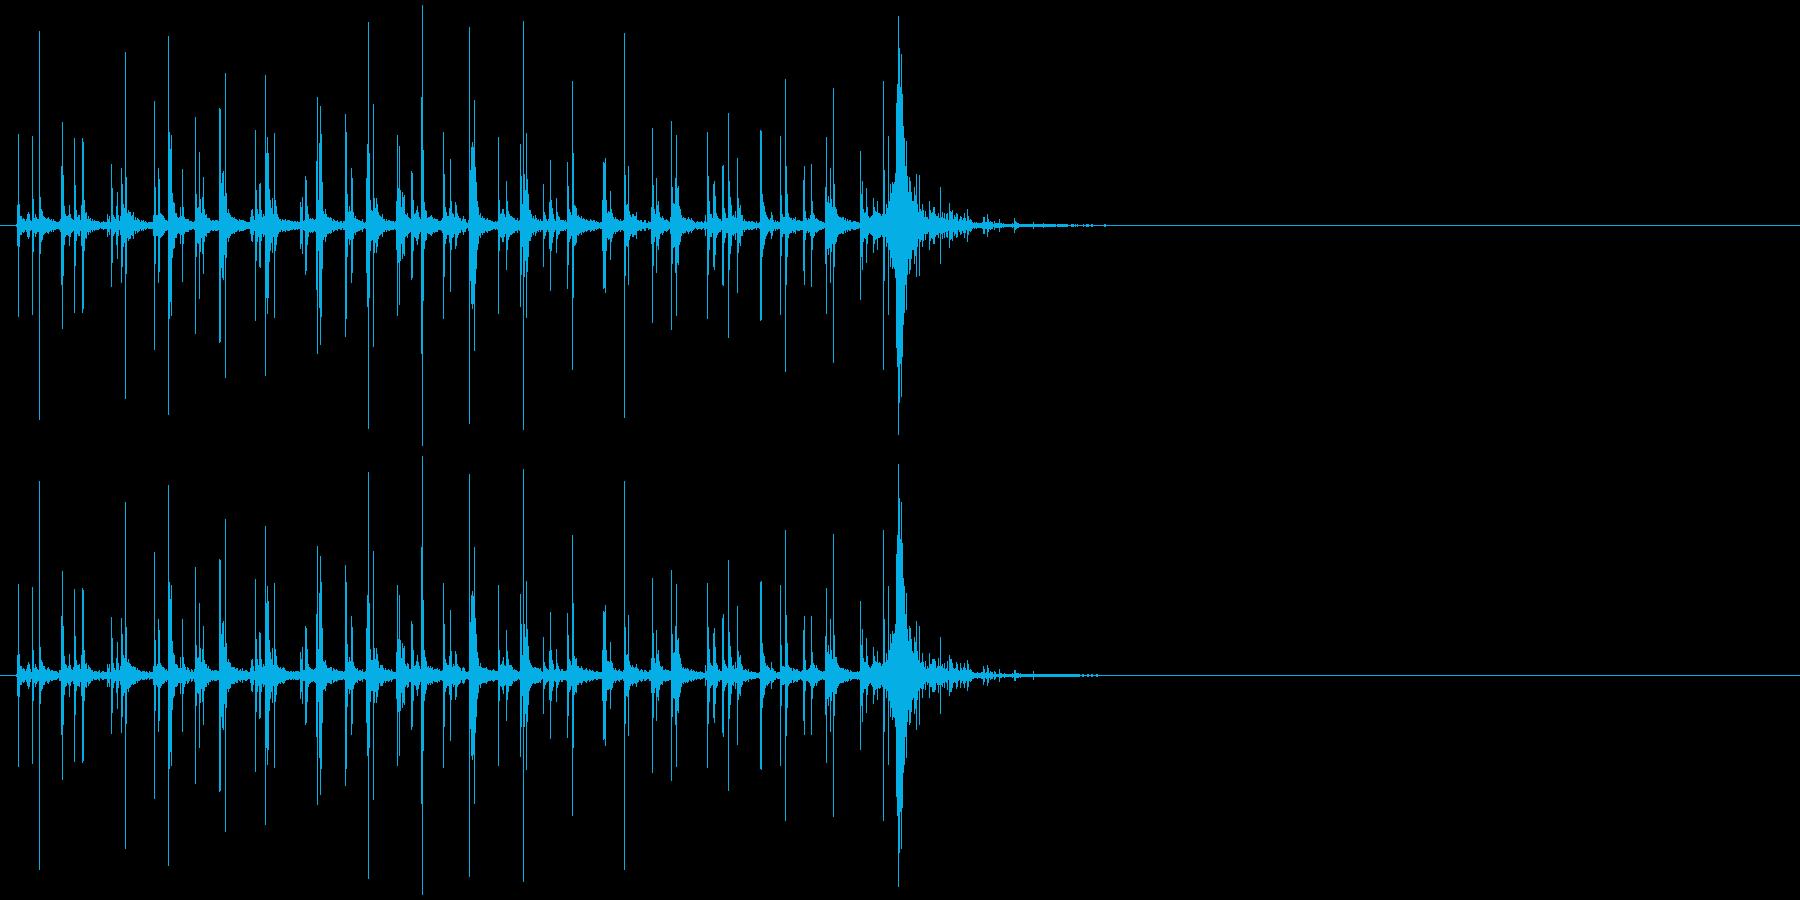 音侍SE「カラカラカラ〜」木製鳴子の音1の再生済みの波形